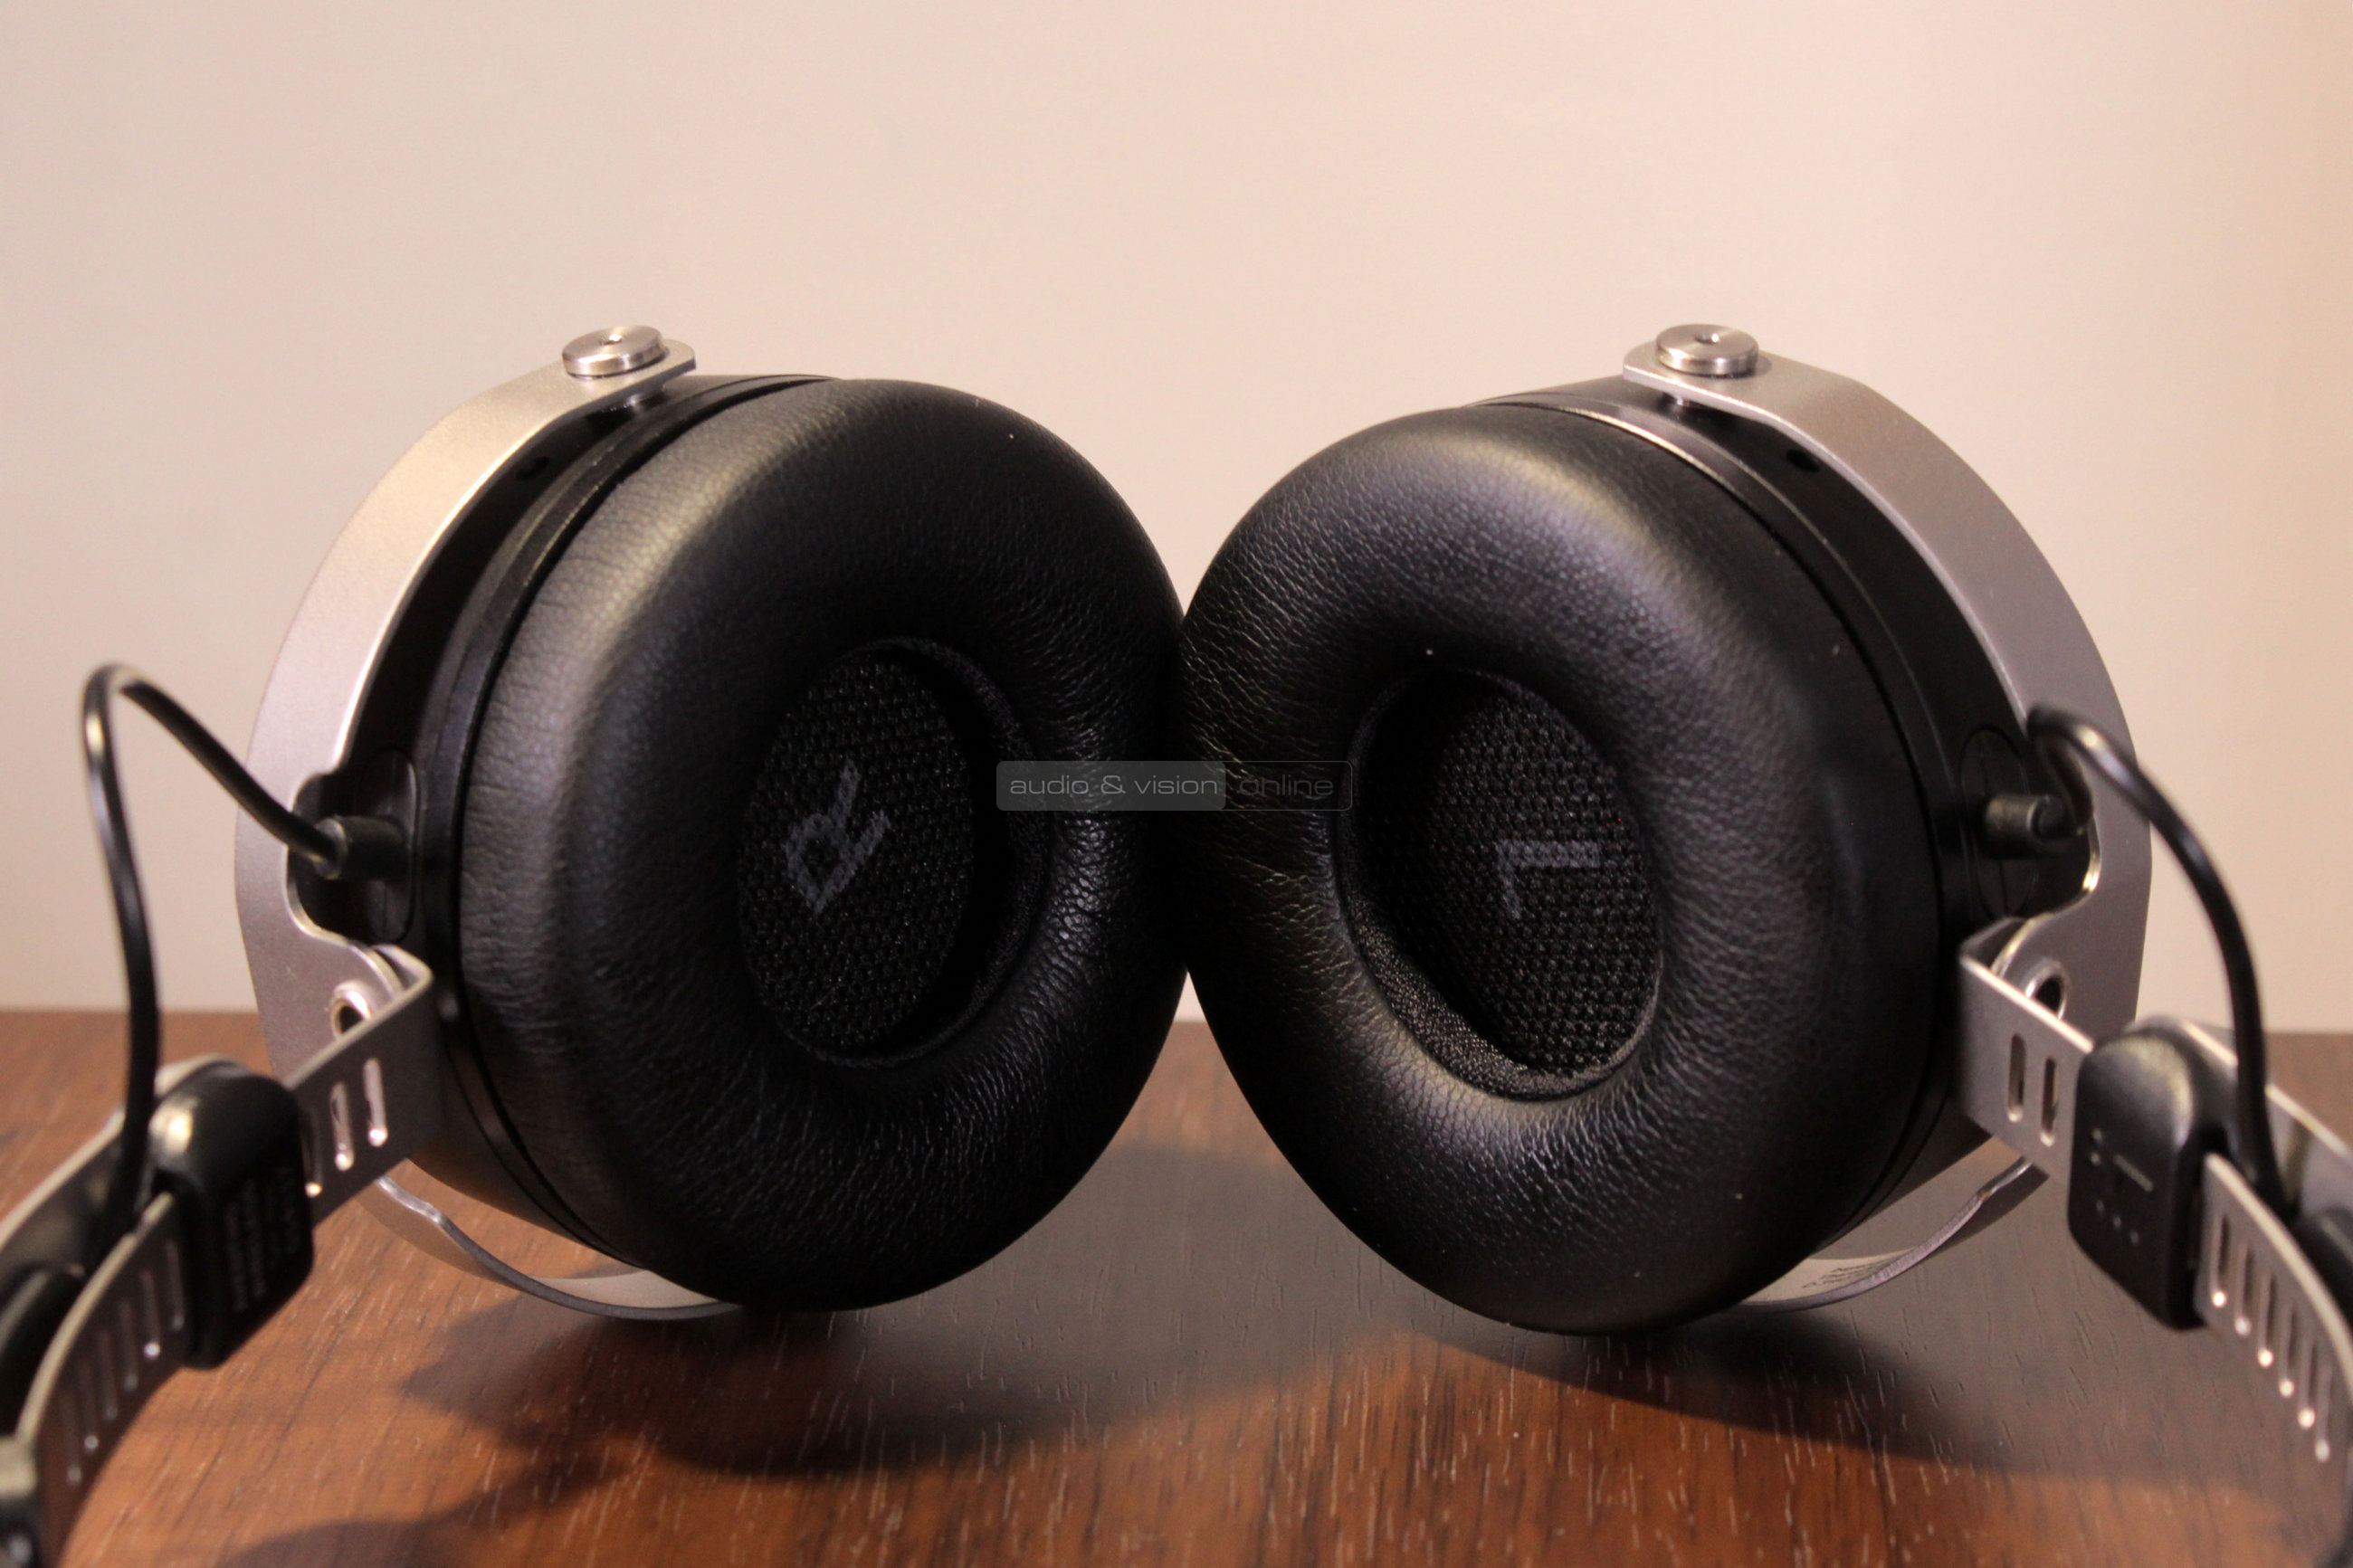 Beyerdynamic Aventho Wireless Bluetooth fejhallgató teszt  3be83e1429